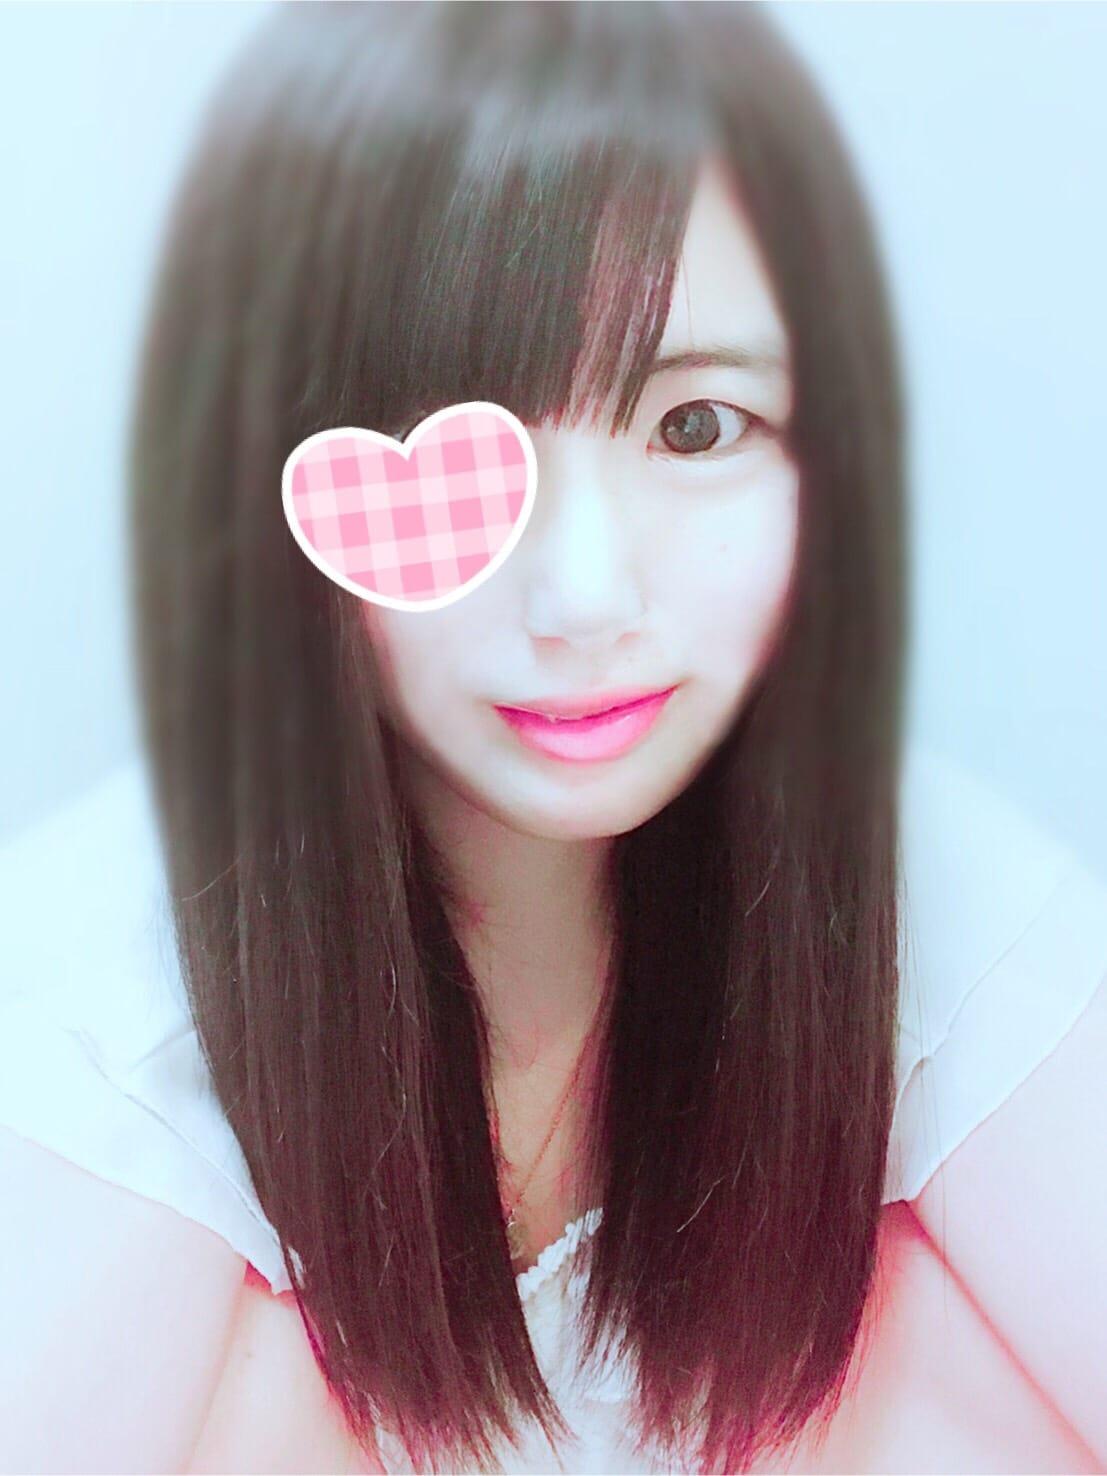 「お礼!!です」08/20(08/20) 22:56 | あんの写メ・風俗動画